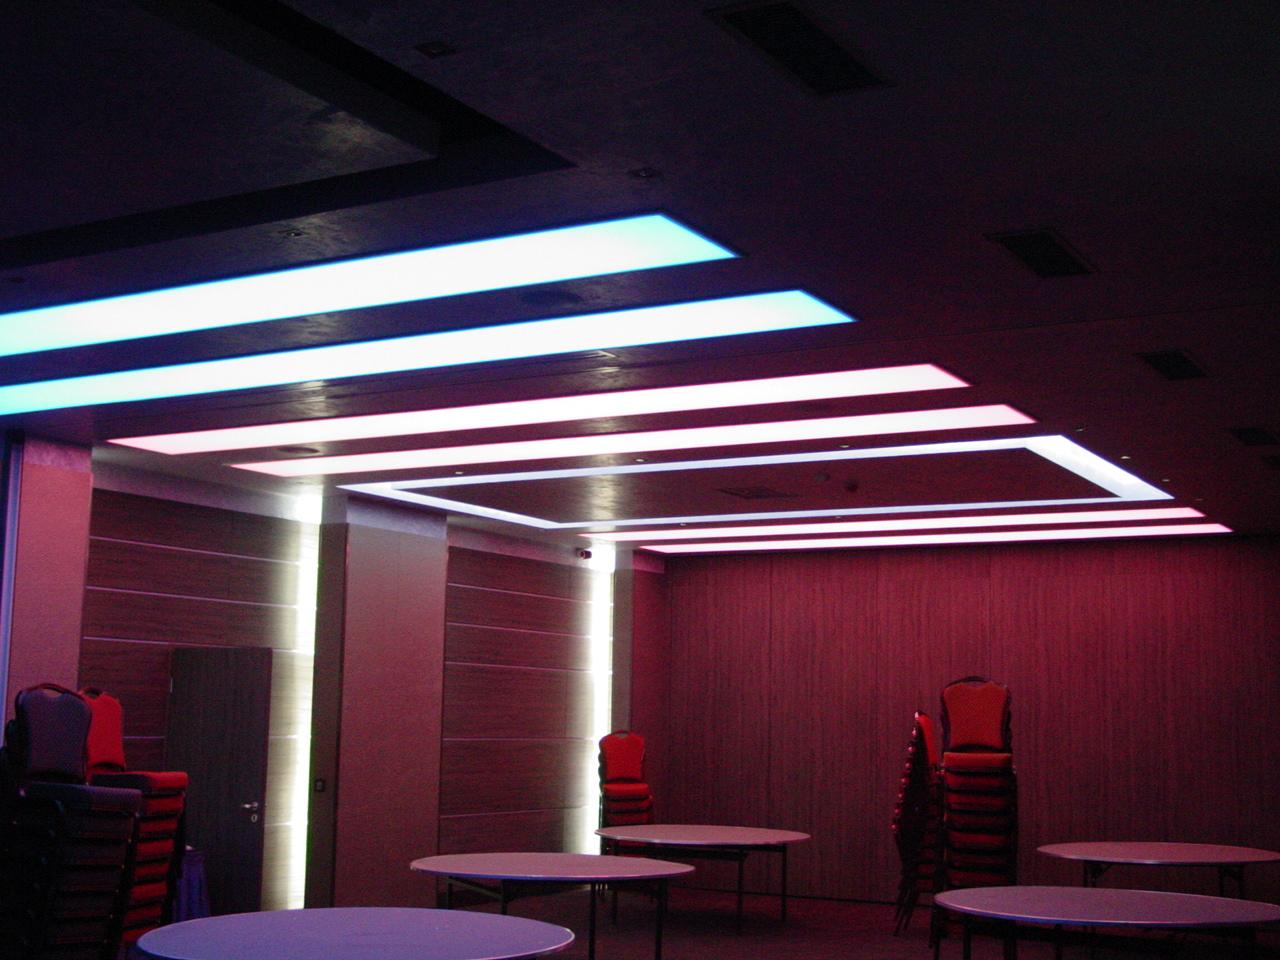 Sistem de iluminare - Hotel Ramada CARALUX - Poza 36